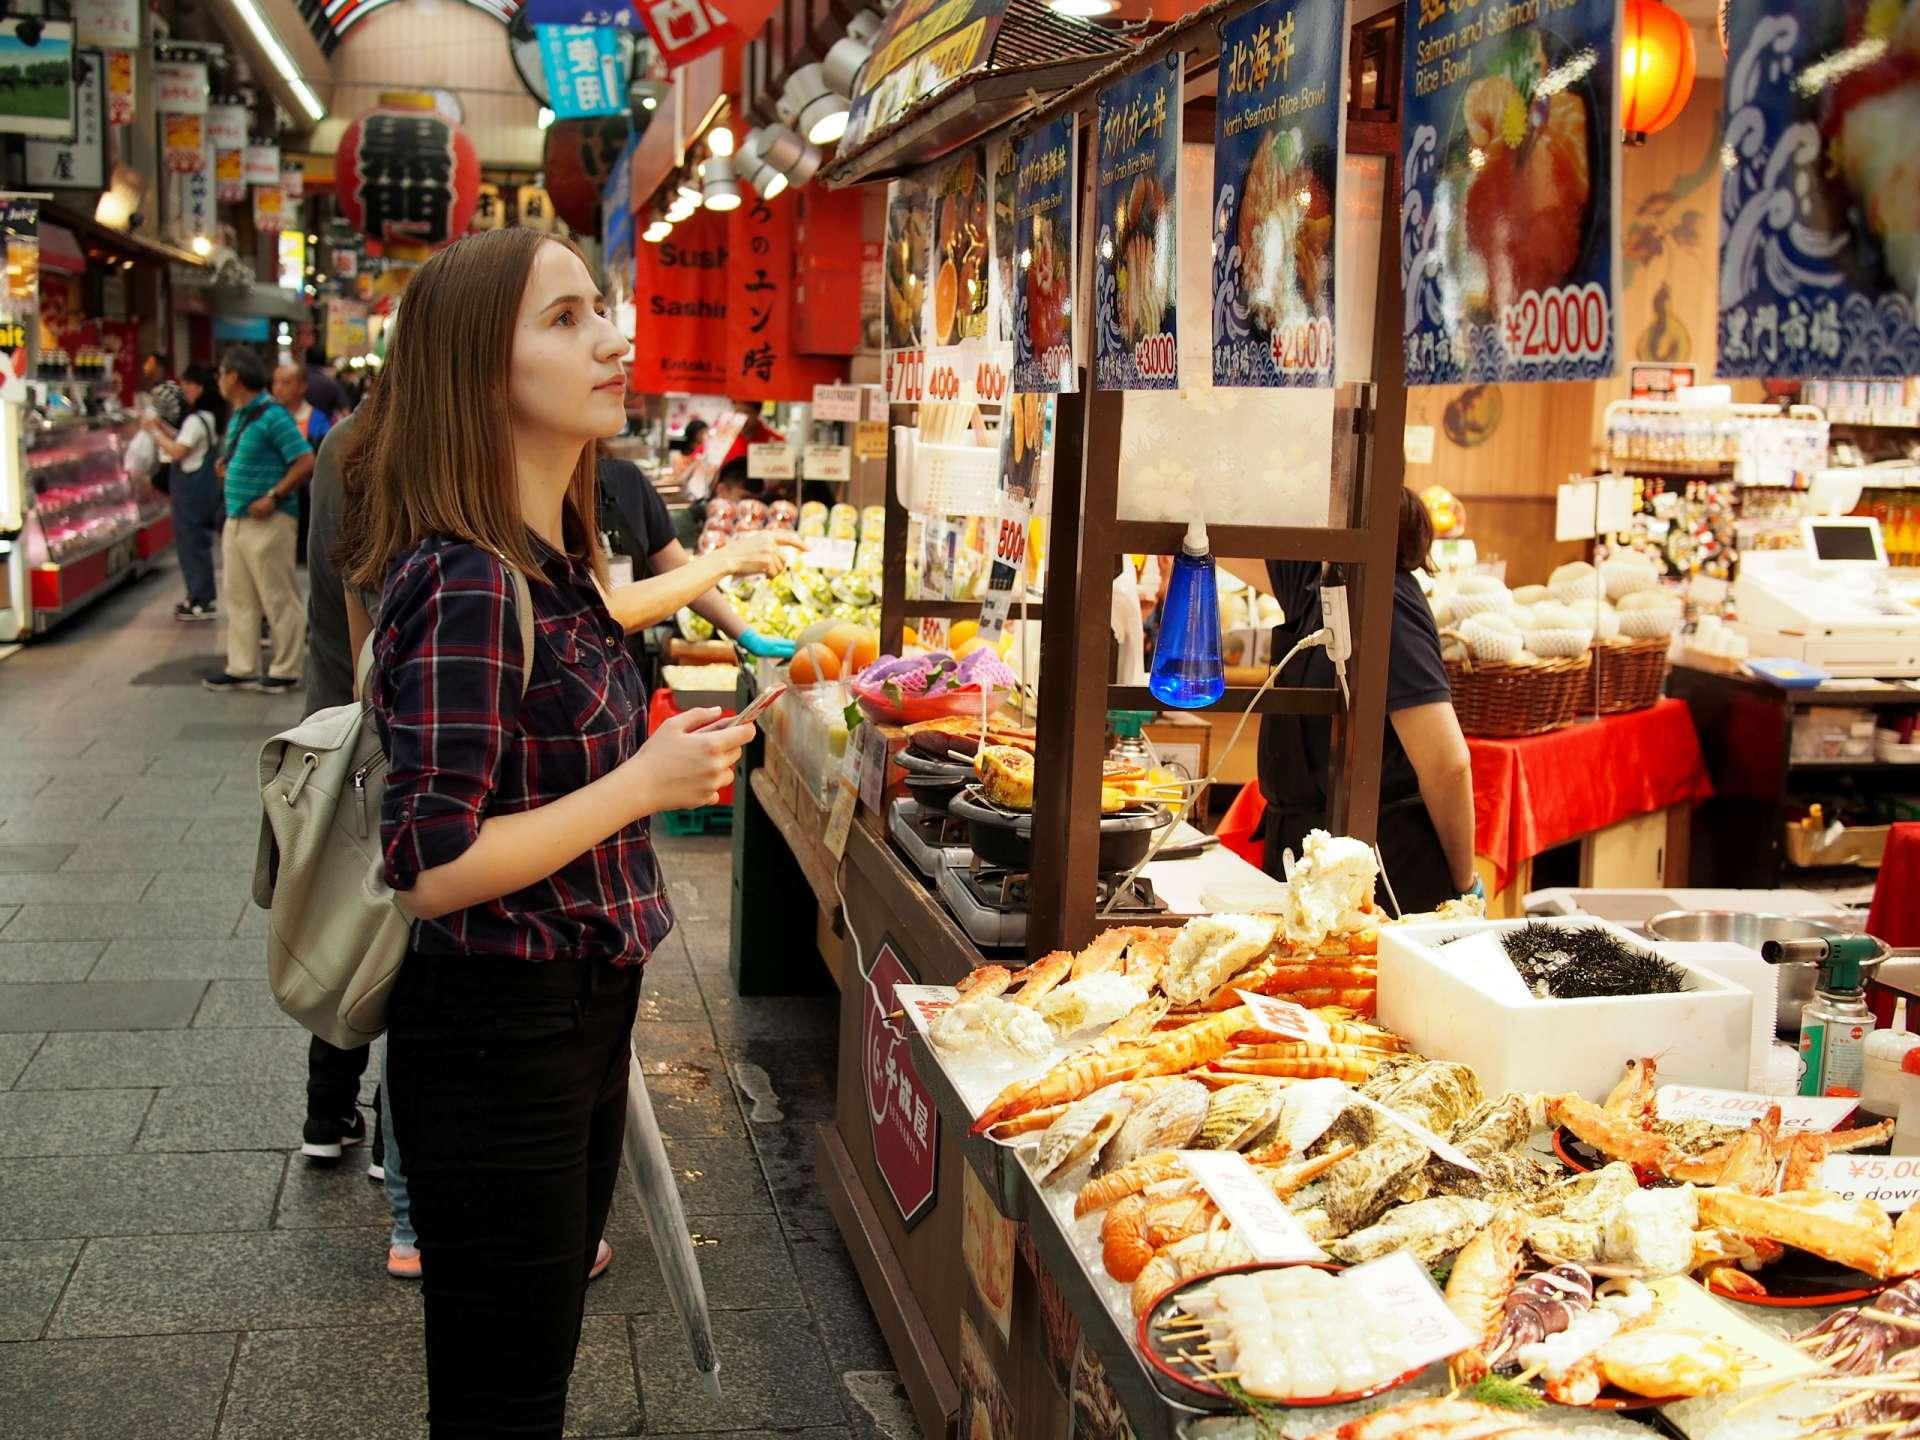 第一次看到了这么多种类的食材,只是随便逛逛也很开心